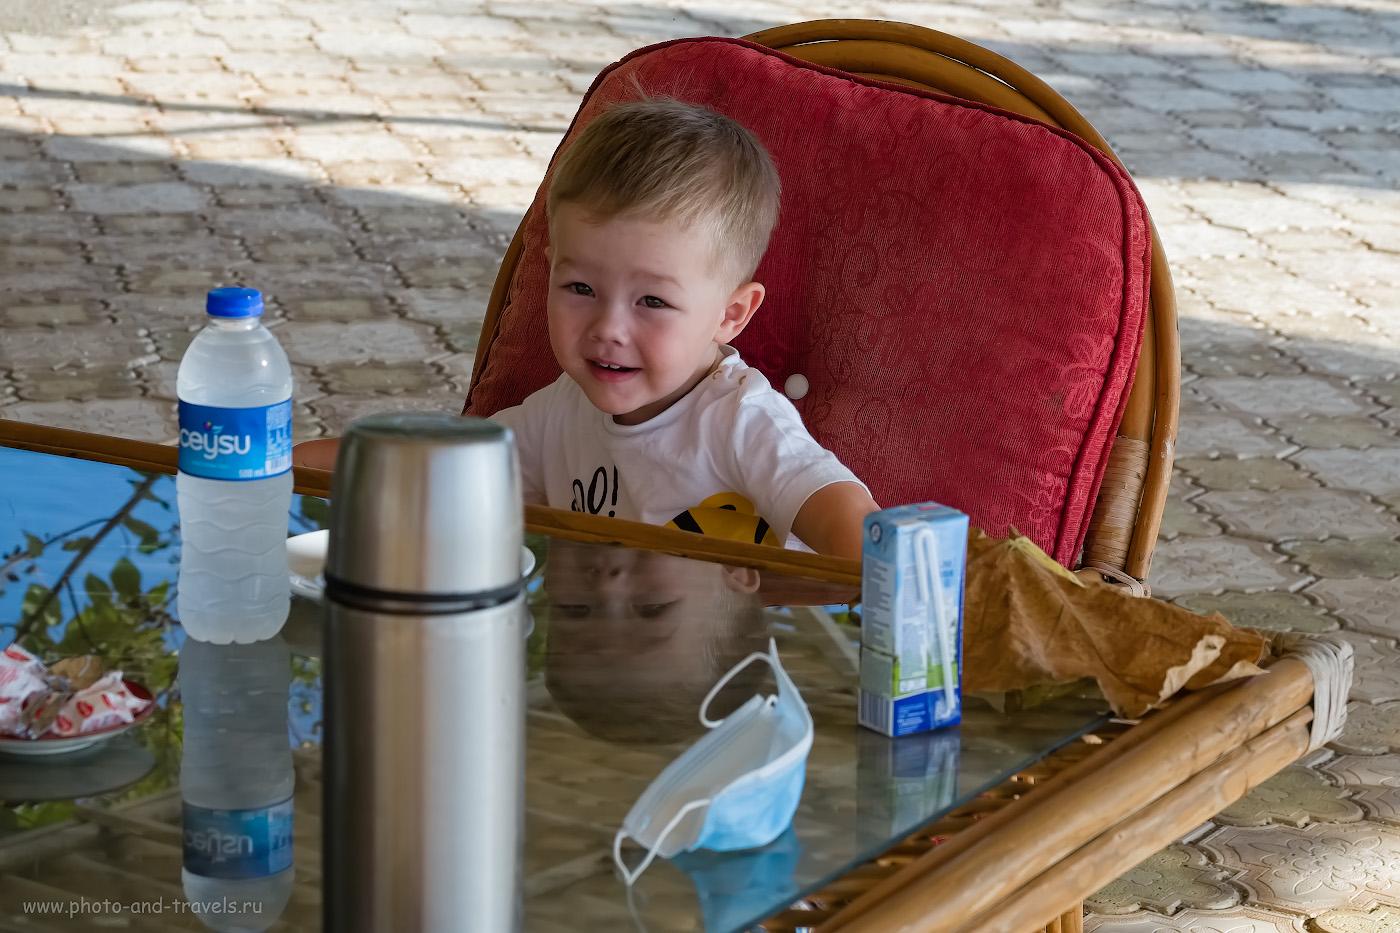 45. Термос – необходимая вещь в путешествиях по Турции с маленьким ребенком. 1/400, 7.1, 200, -0.33, 55.